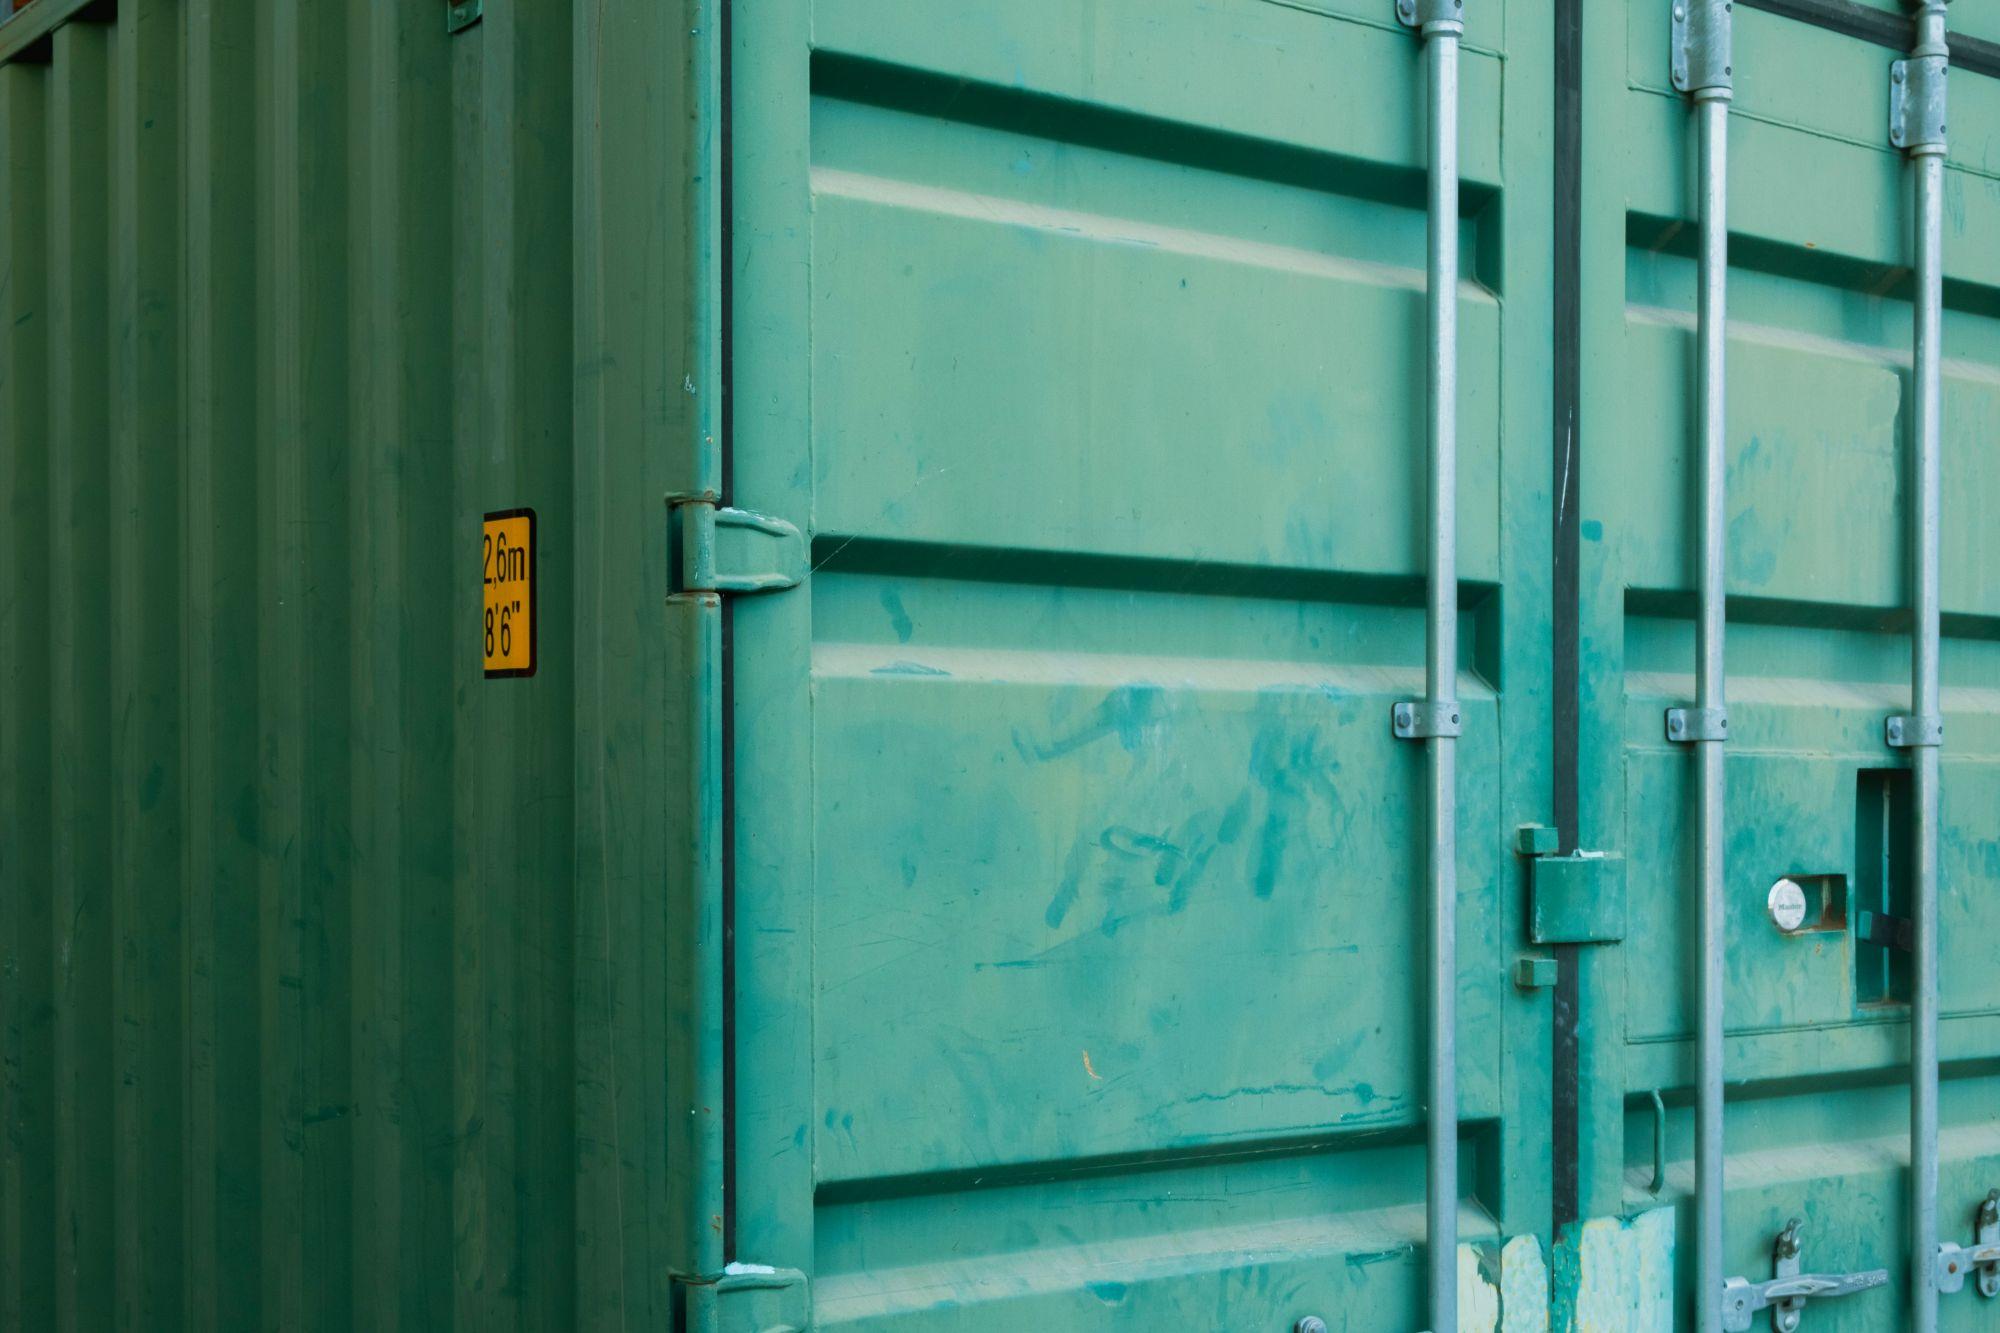 Stockage container métallique mutation